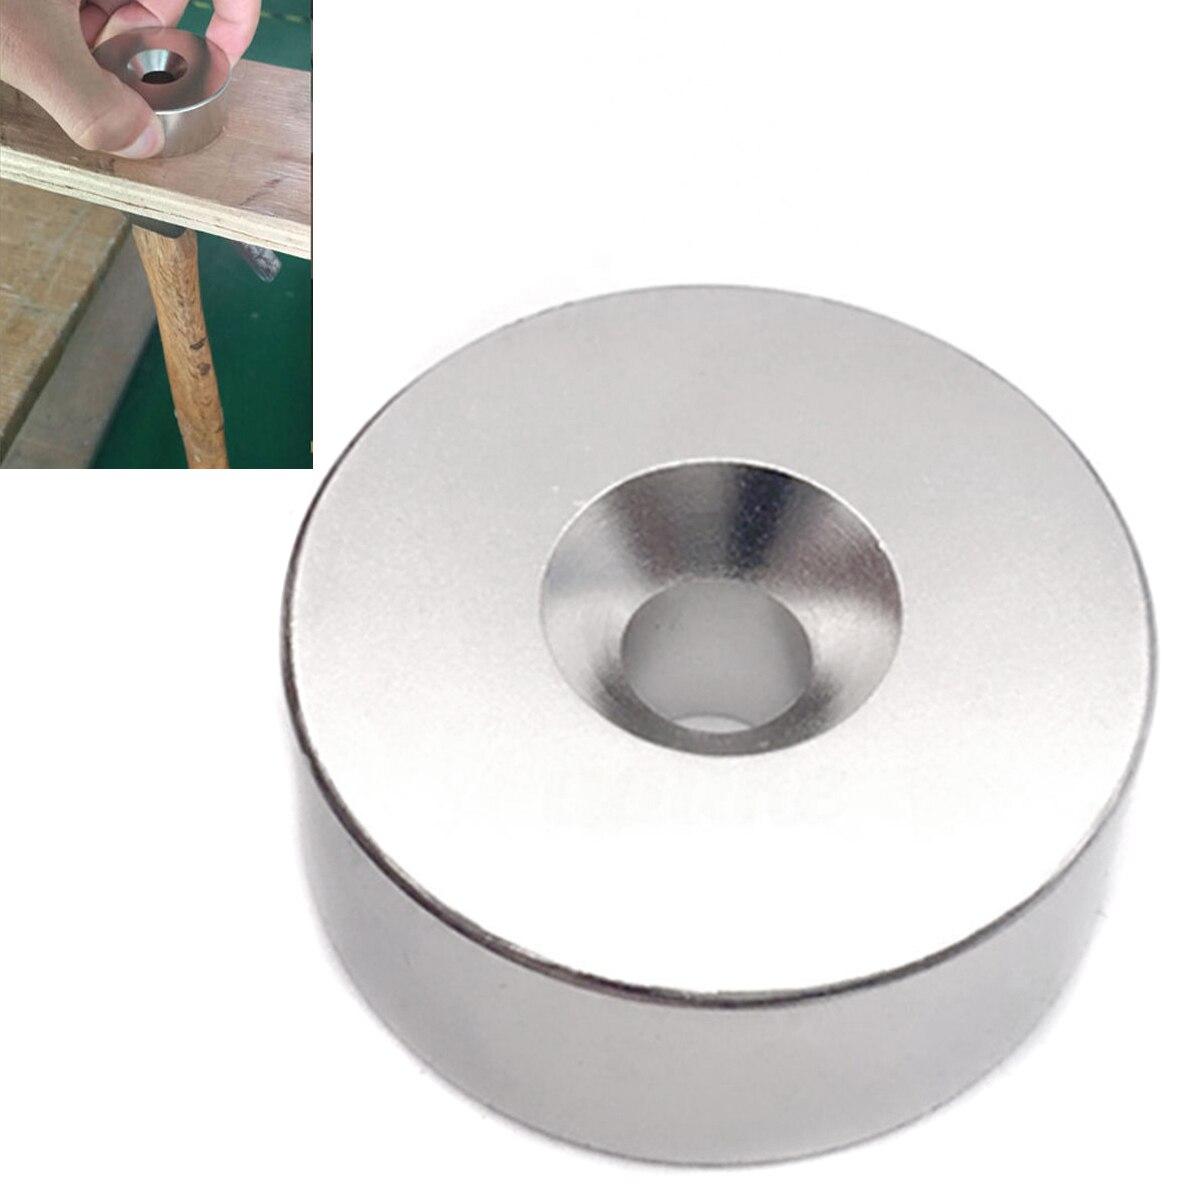 1 stück N52 Super Starke Runde Disc Magneten Loch Rare Earth Neodym Salvage Magnet Für Jagd Erholt Schlüssel 60*20mm Mayitr